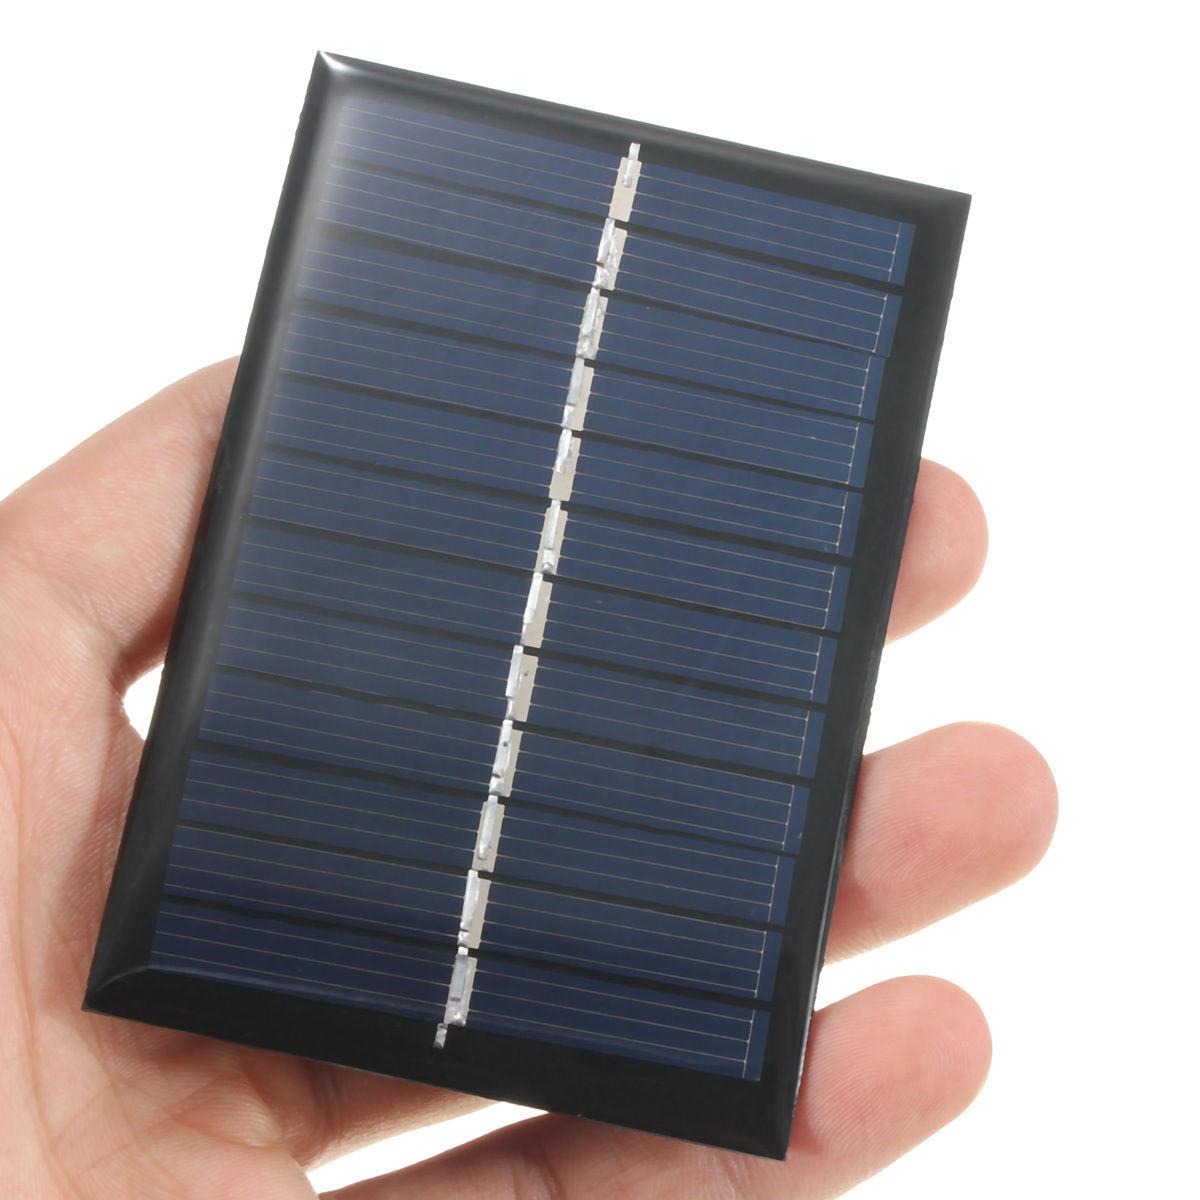 Pannello Solare Auto : V pannello solare fotovoltaico per auto